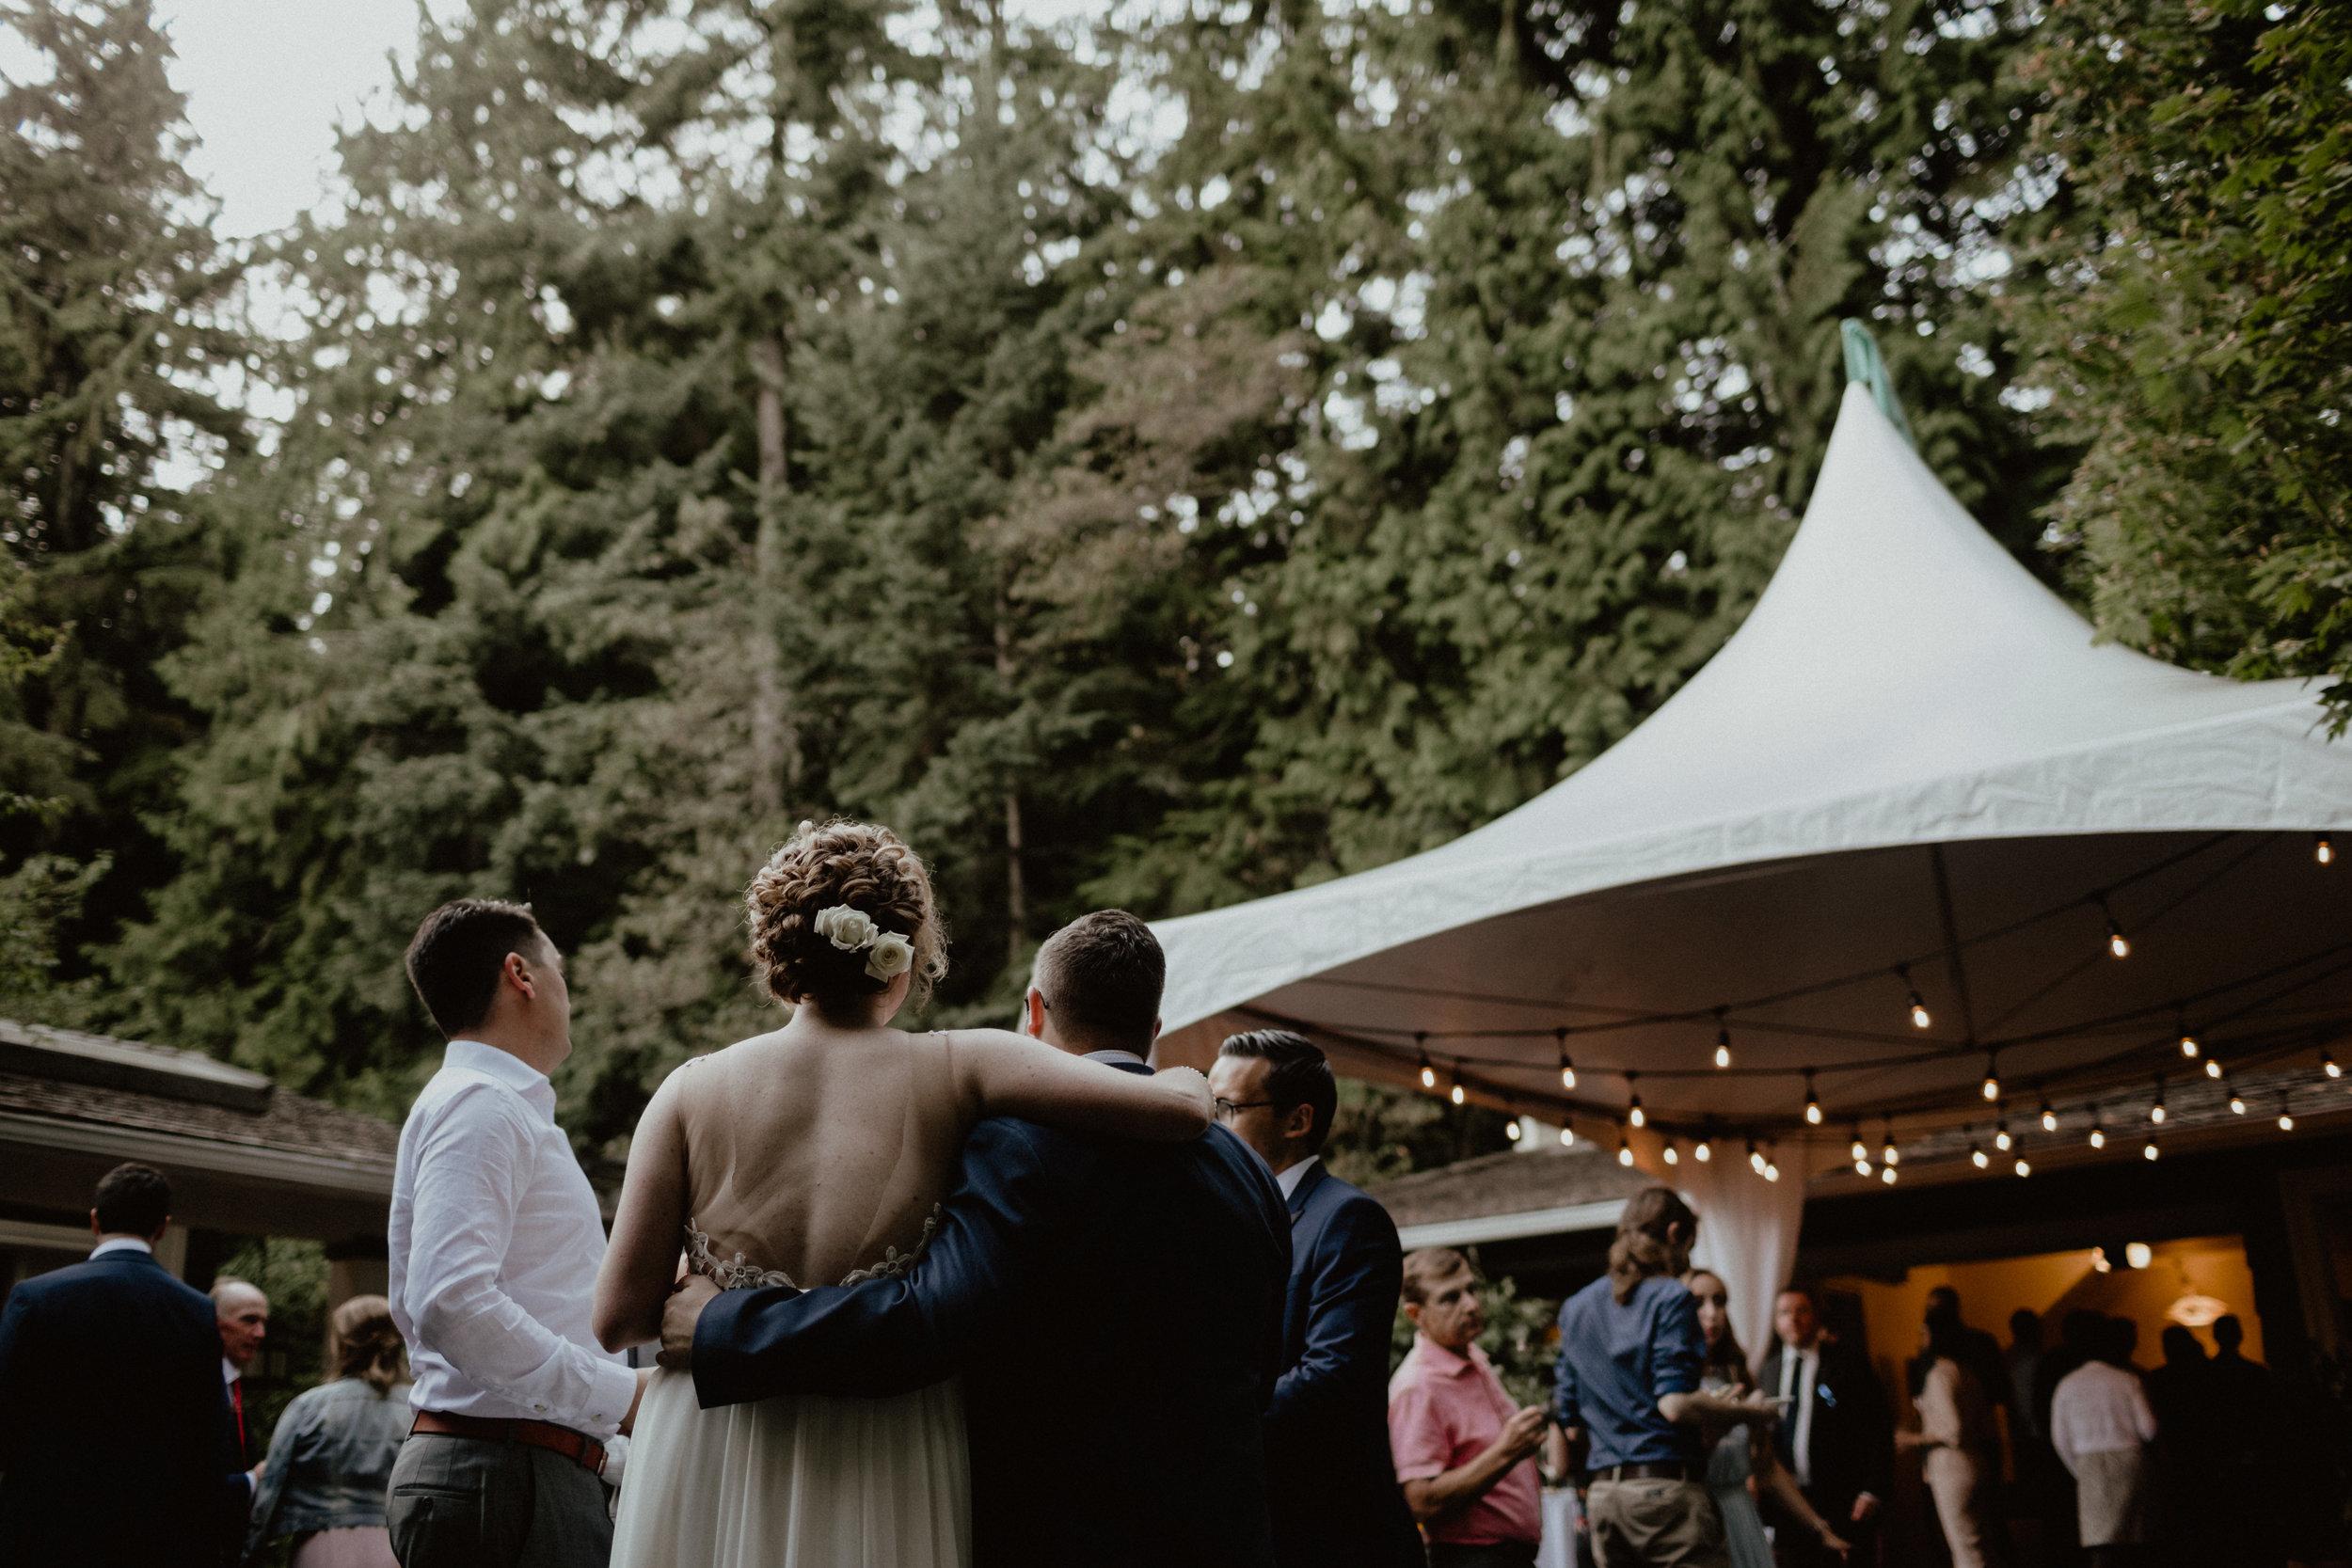 west-vancouver-backyard-wedding-230.jpg